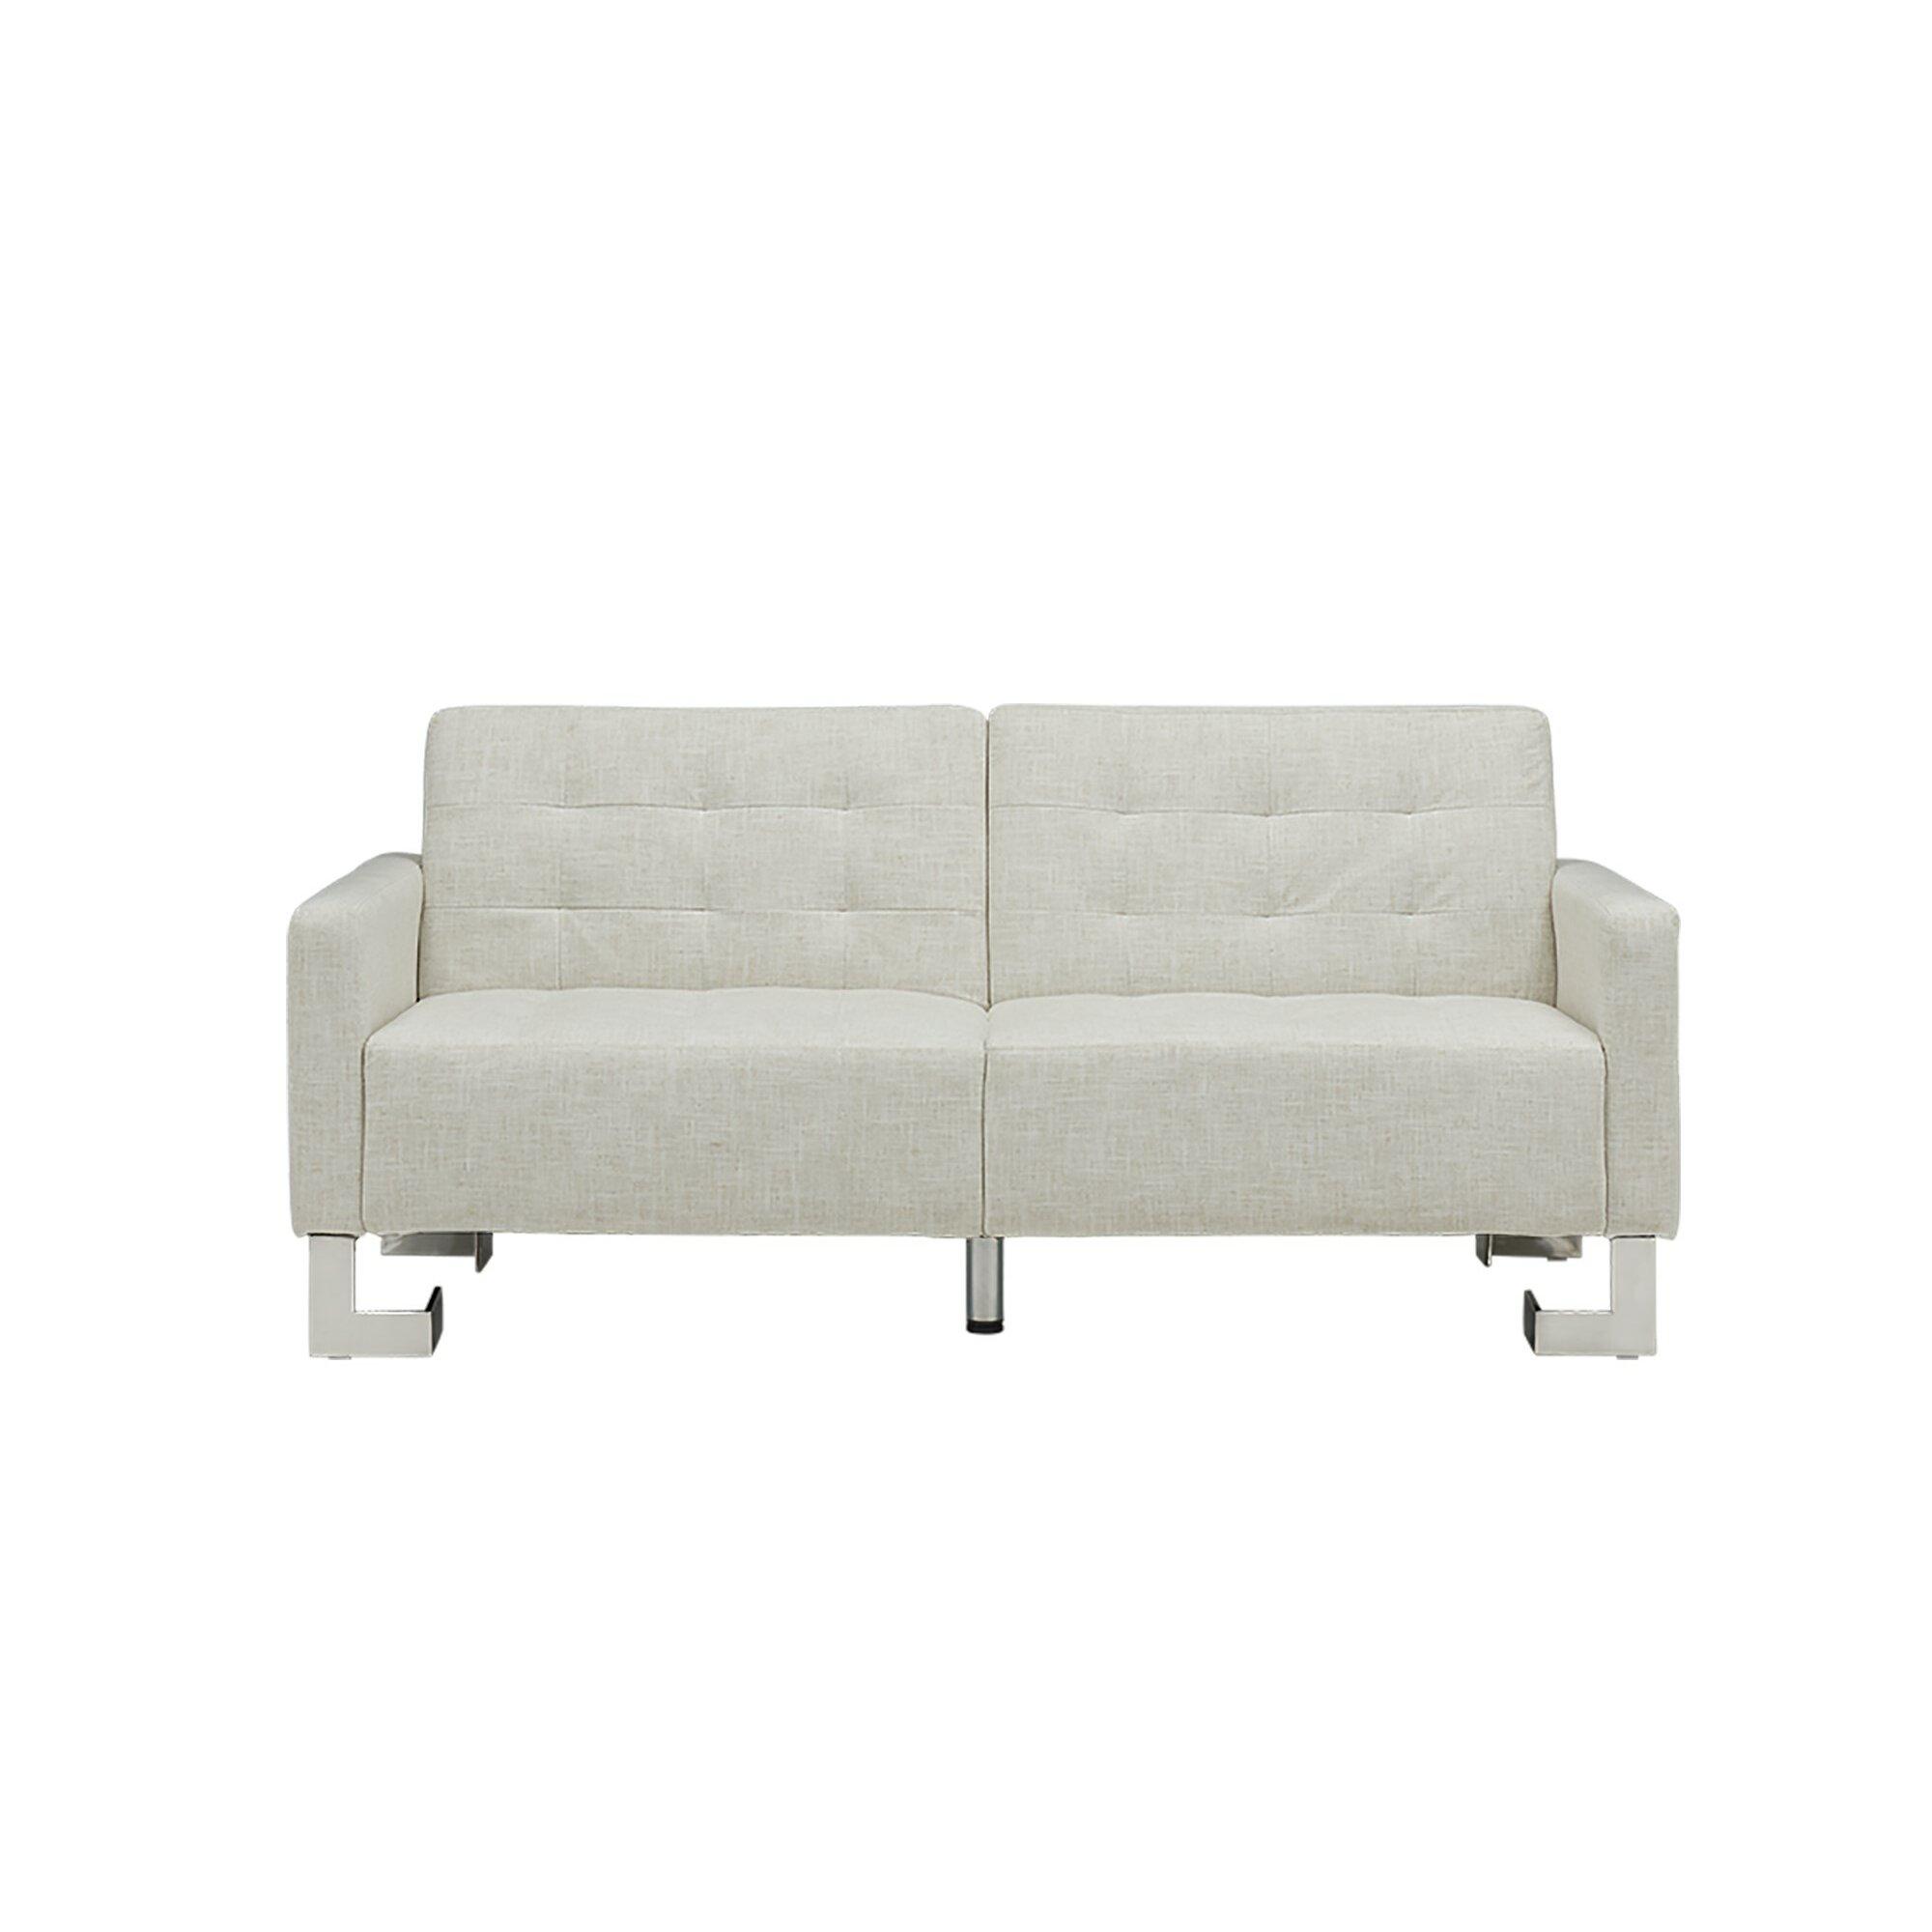 sofa bed wayfair With wayfair sectional sofa bed